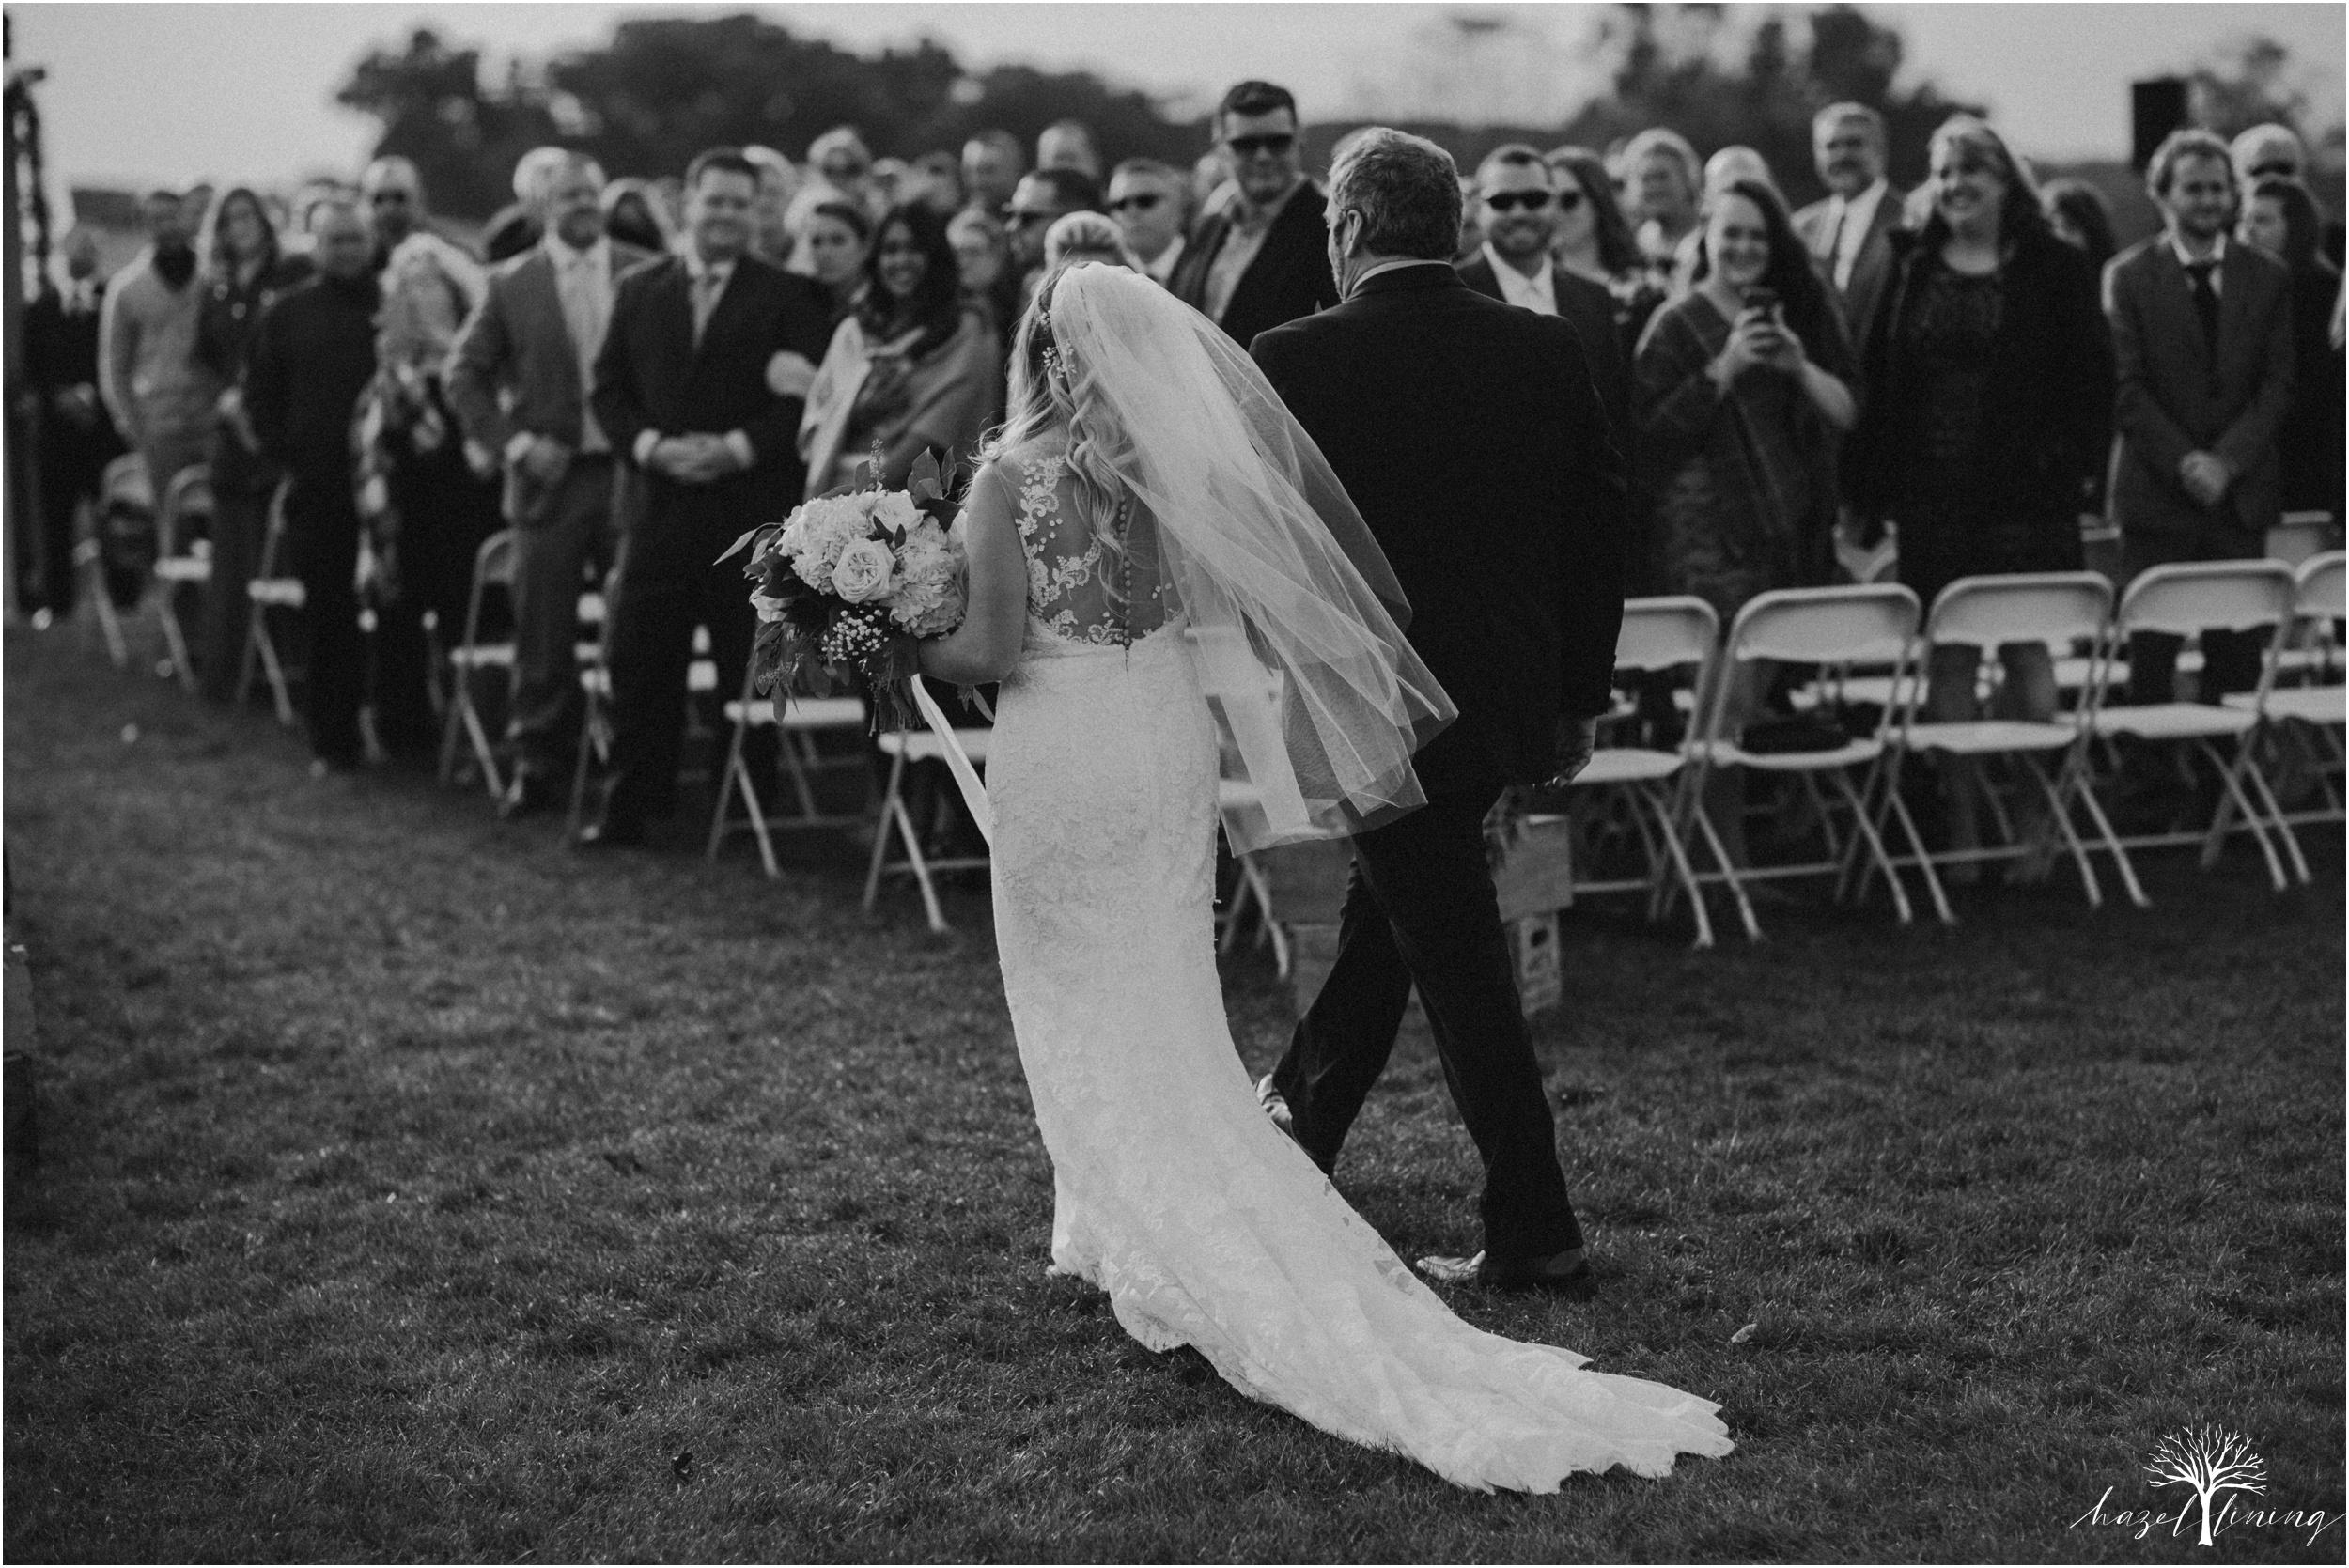 jessie-martin-zach-umlauf-olde-homestead-golfclub-outdoor-autumn-wedding_0098.jpg